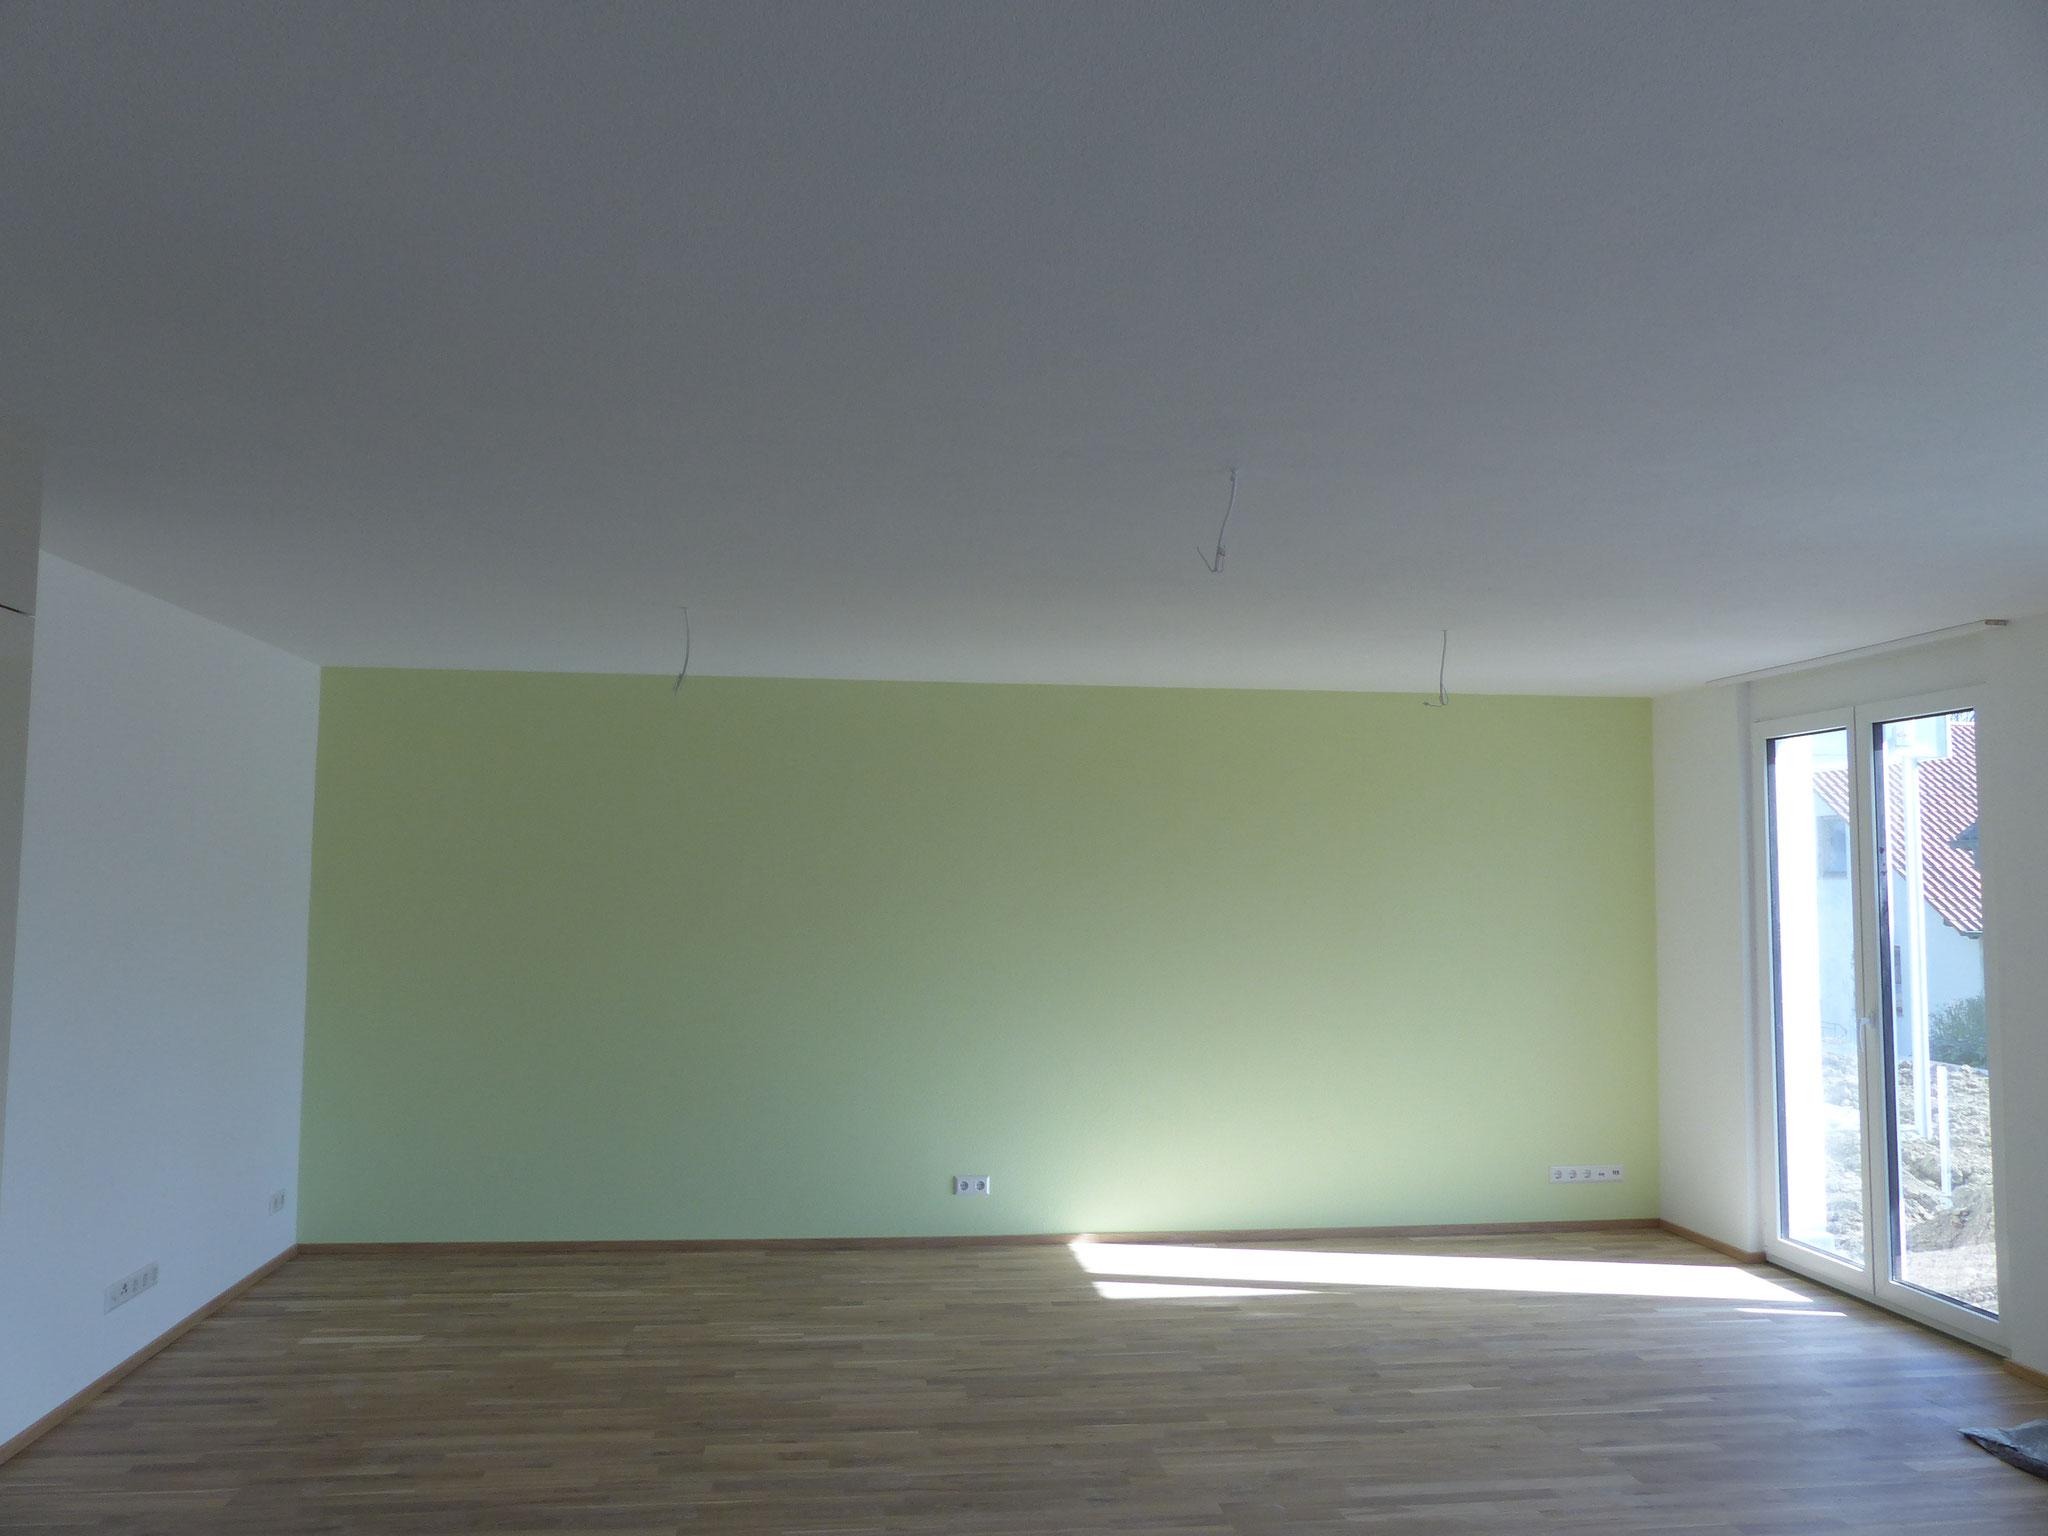 Malerarbeiten im Innenbereich